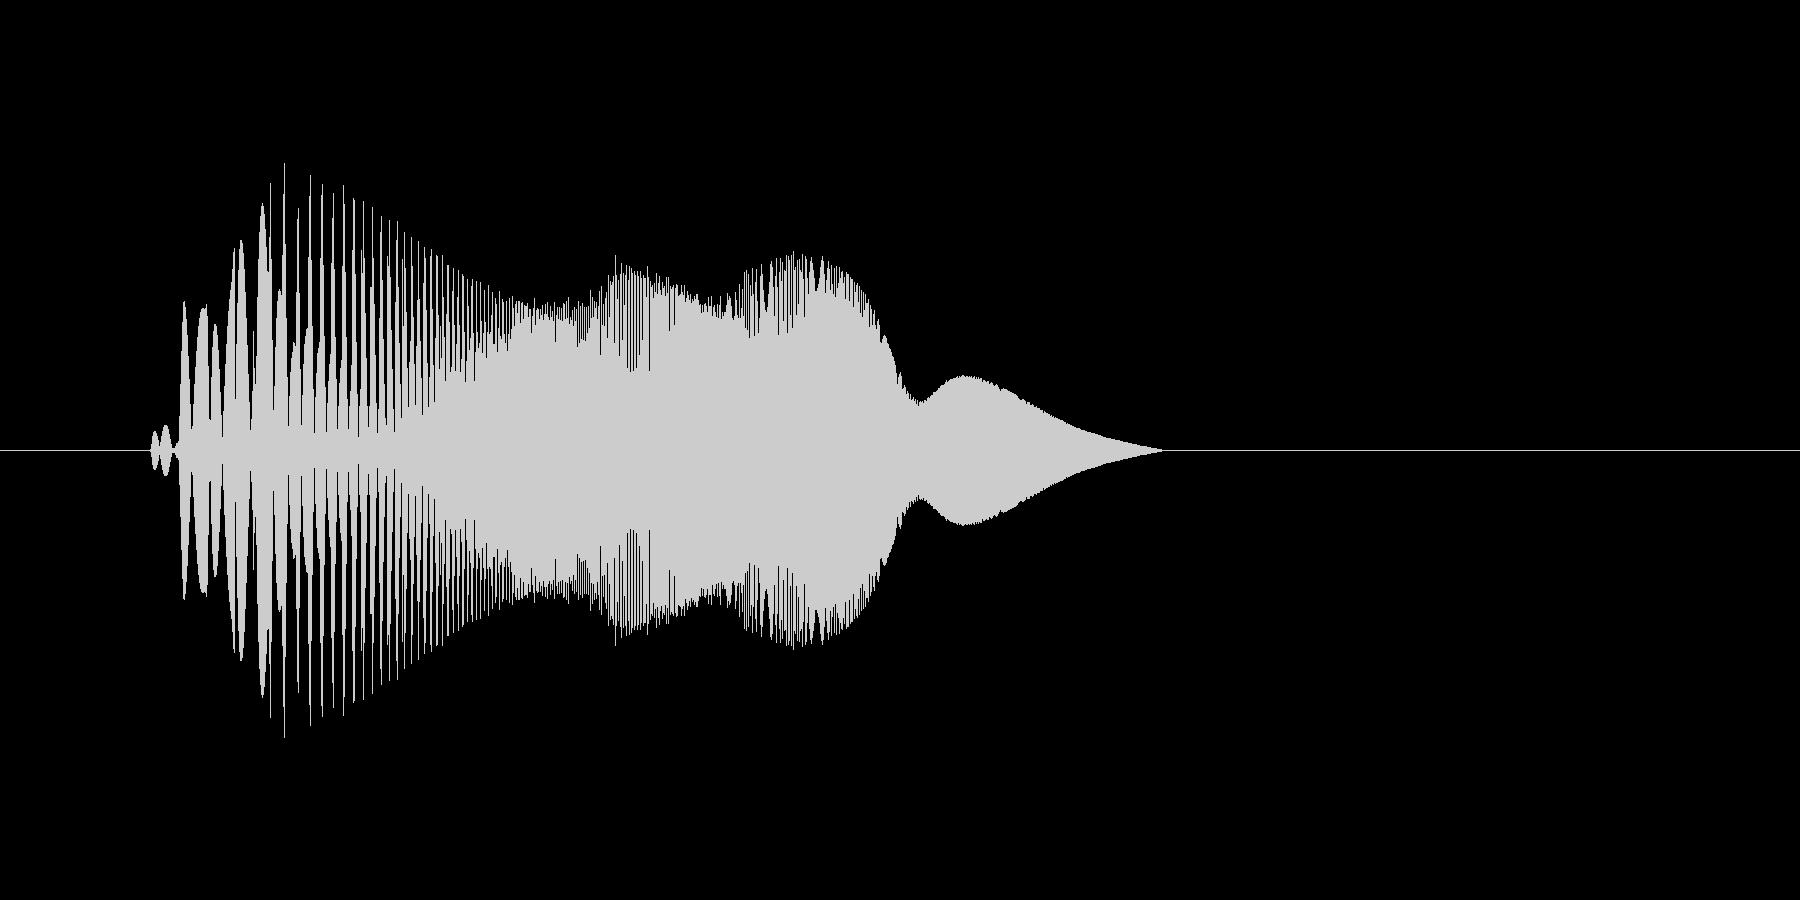 ぴょいっ(ジャンプ、跳ぶ、かわいい)の未再生の波形